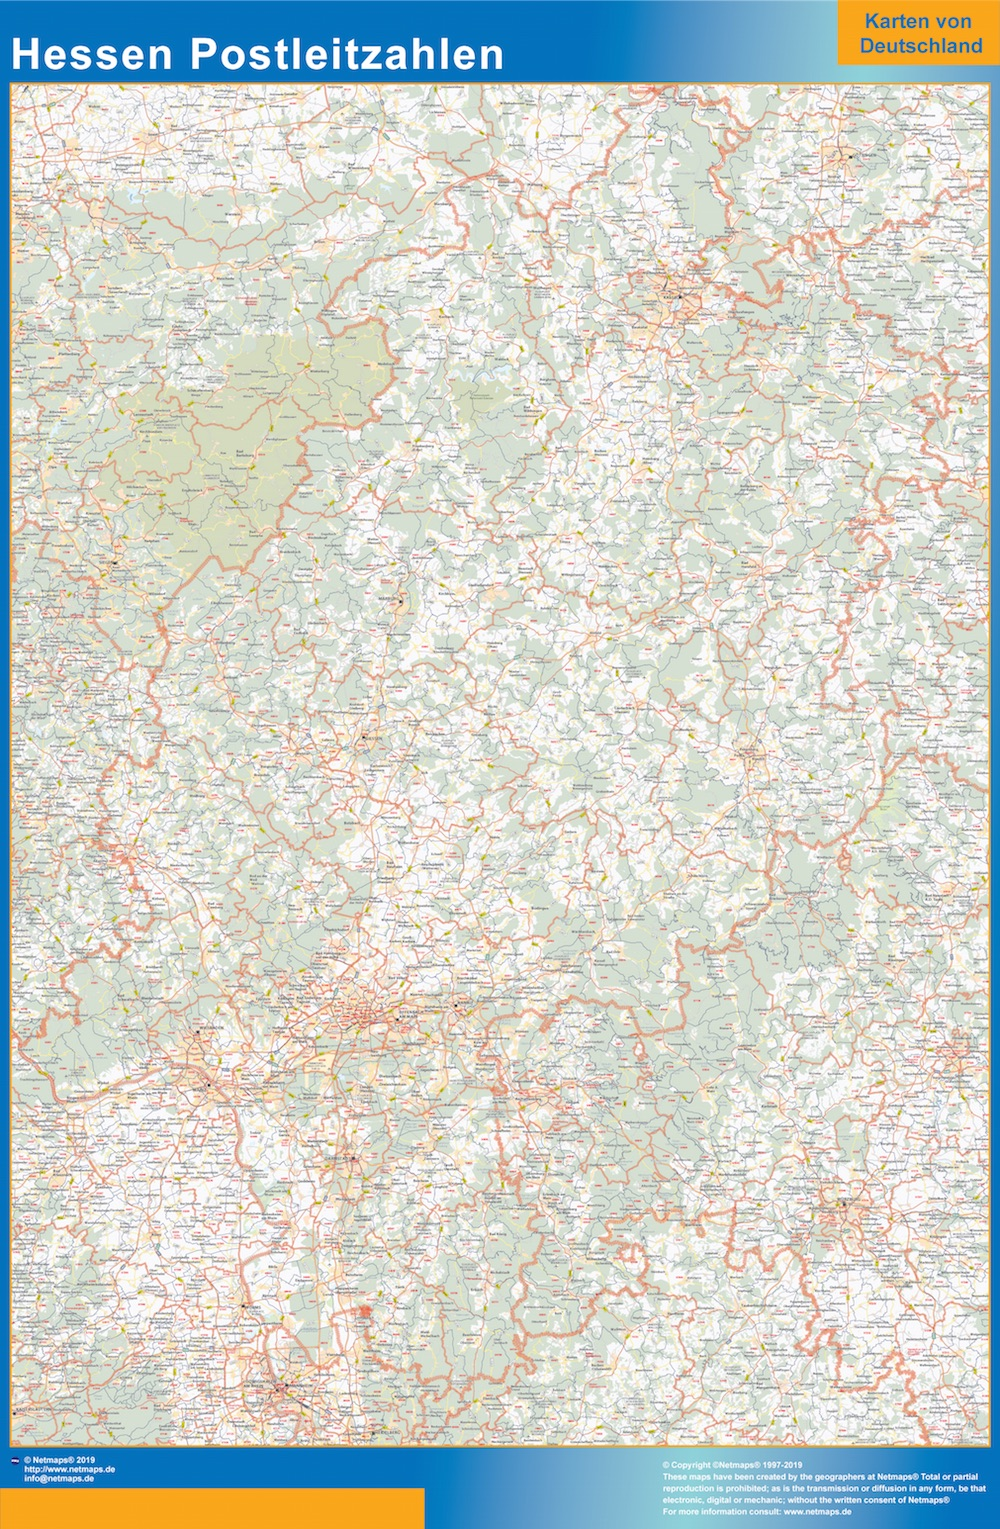 Hessen Postleitzahlen